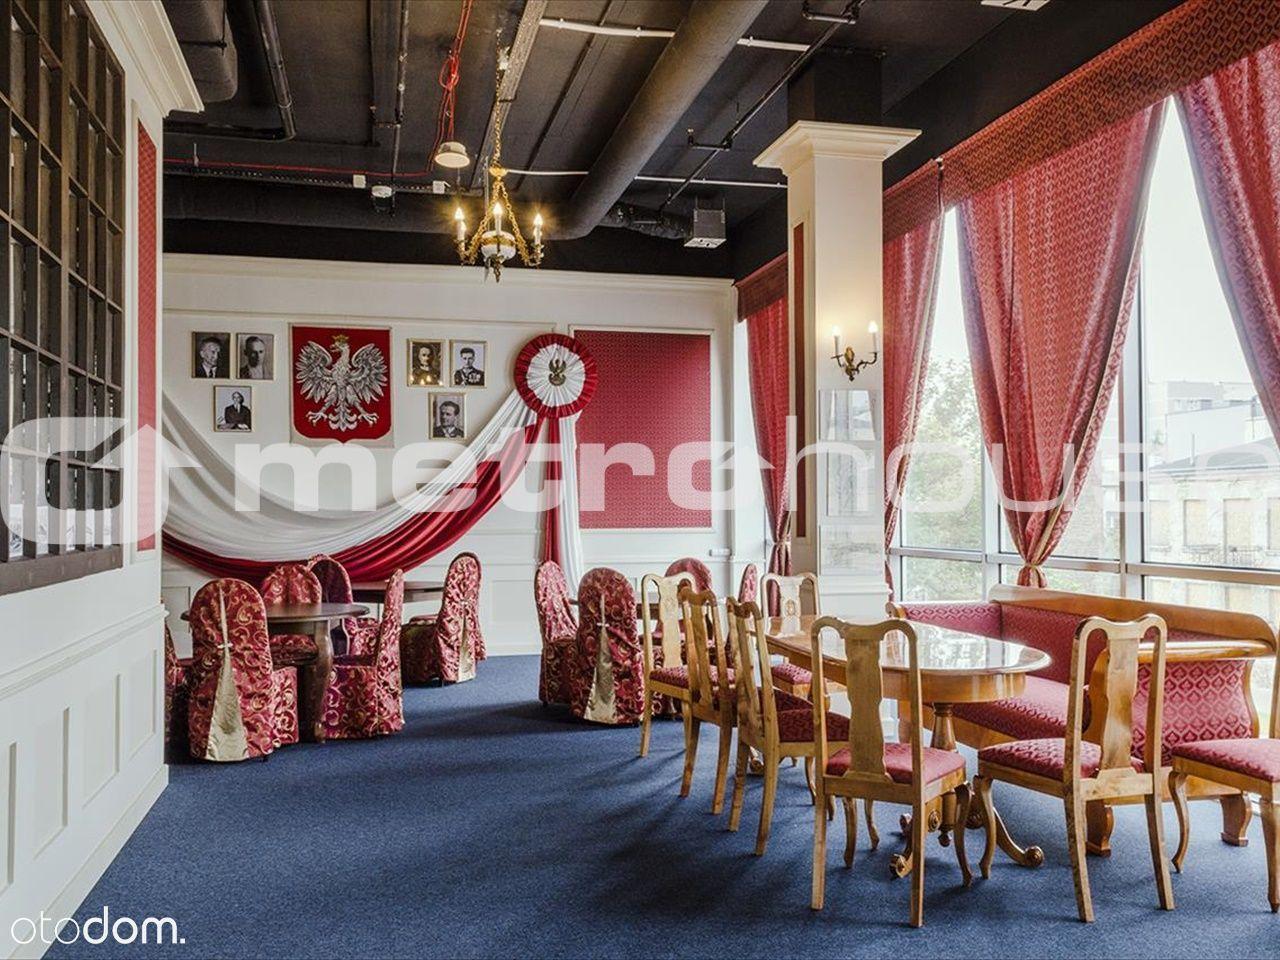 Wynajmę lokal 270 m2 pod szkolenia oraz eventy.